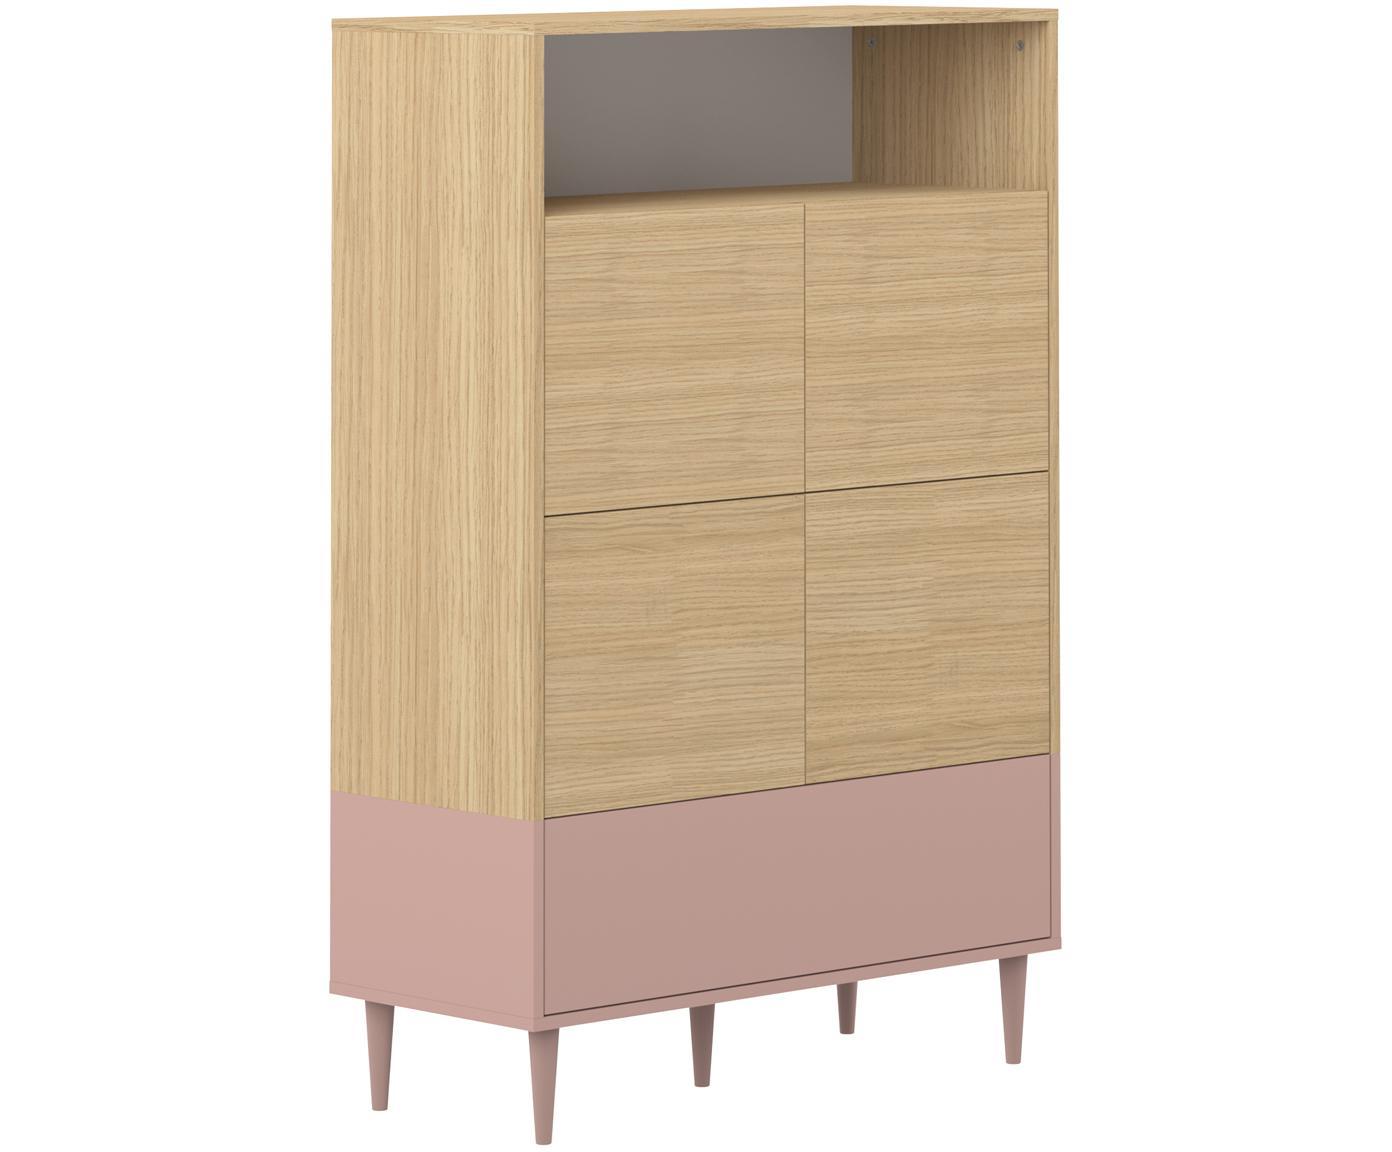 Chiffonnier Horizon, estilo escandinavo, Estructura: aglomerado, recubierto de, Patas: madera de haya maciza, pi, Roble, rosa palo, An 90 x Al 141 cm